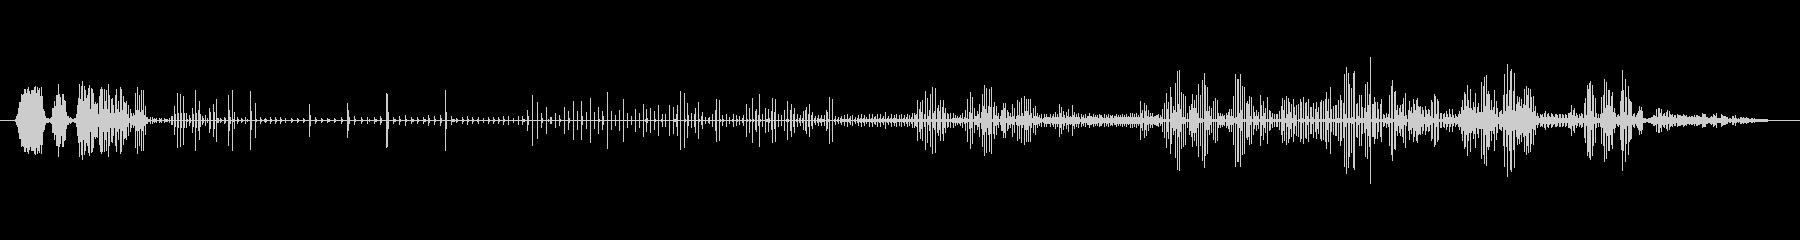 ノイズ オーガニックグリッチライザー03の未再生の波形